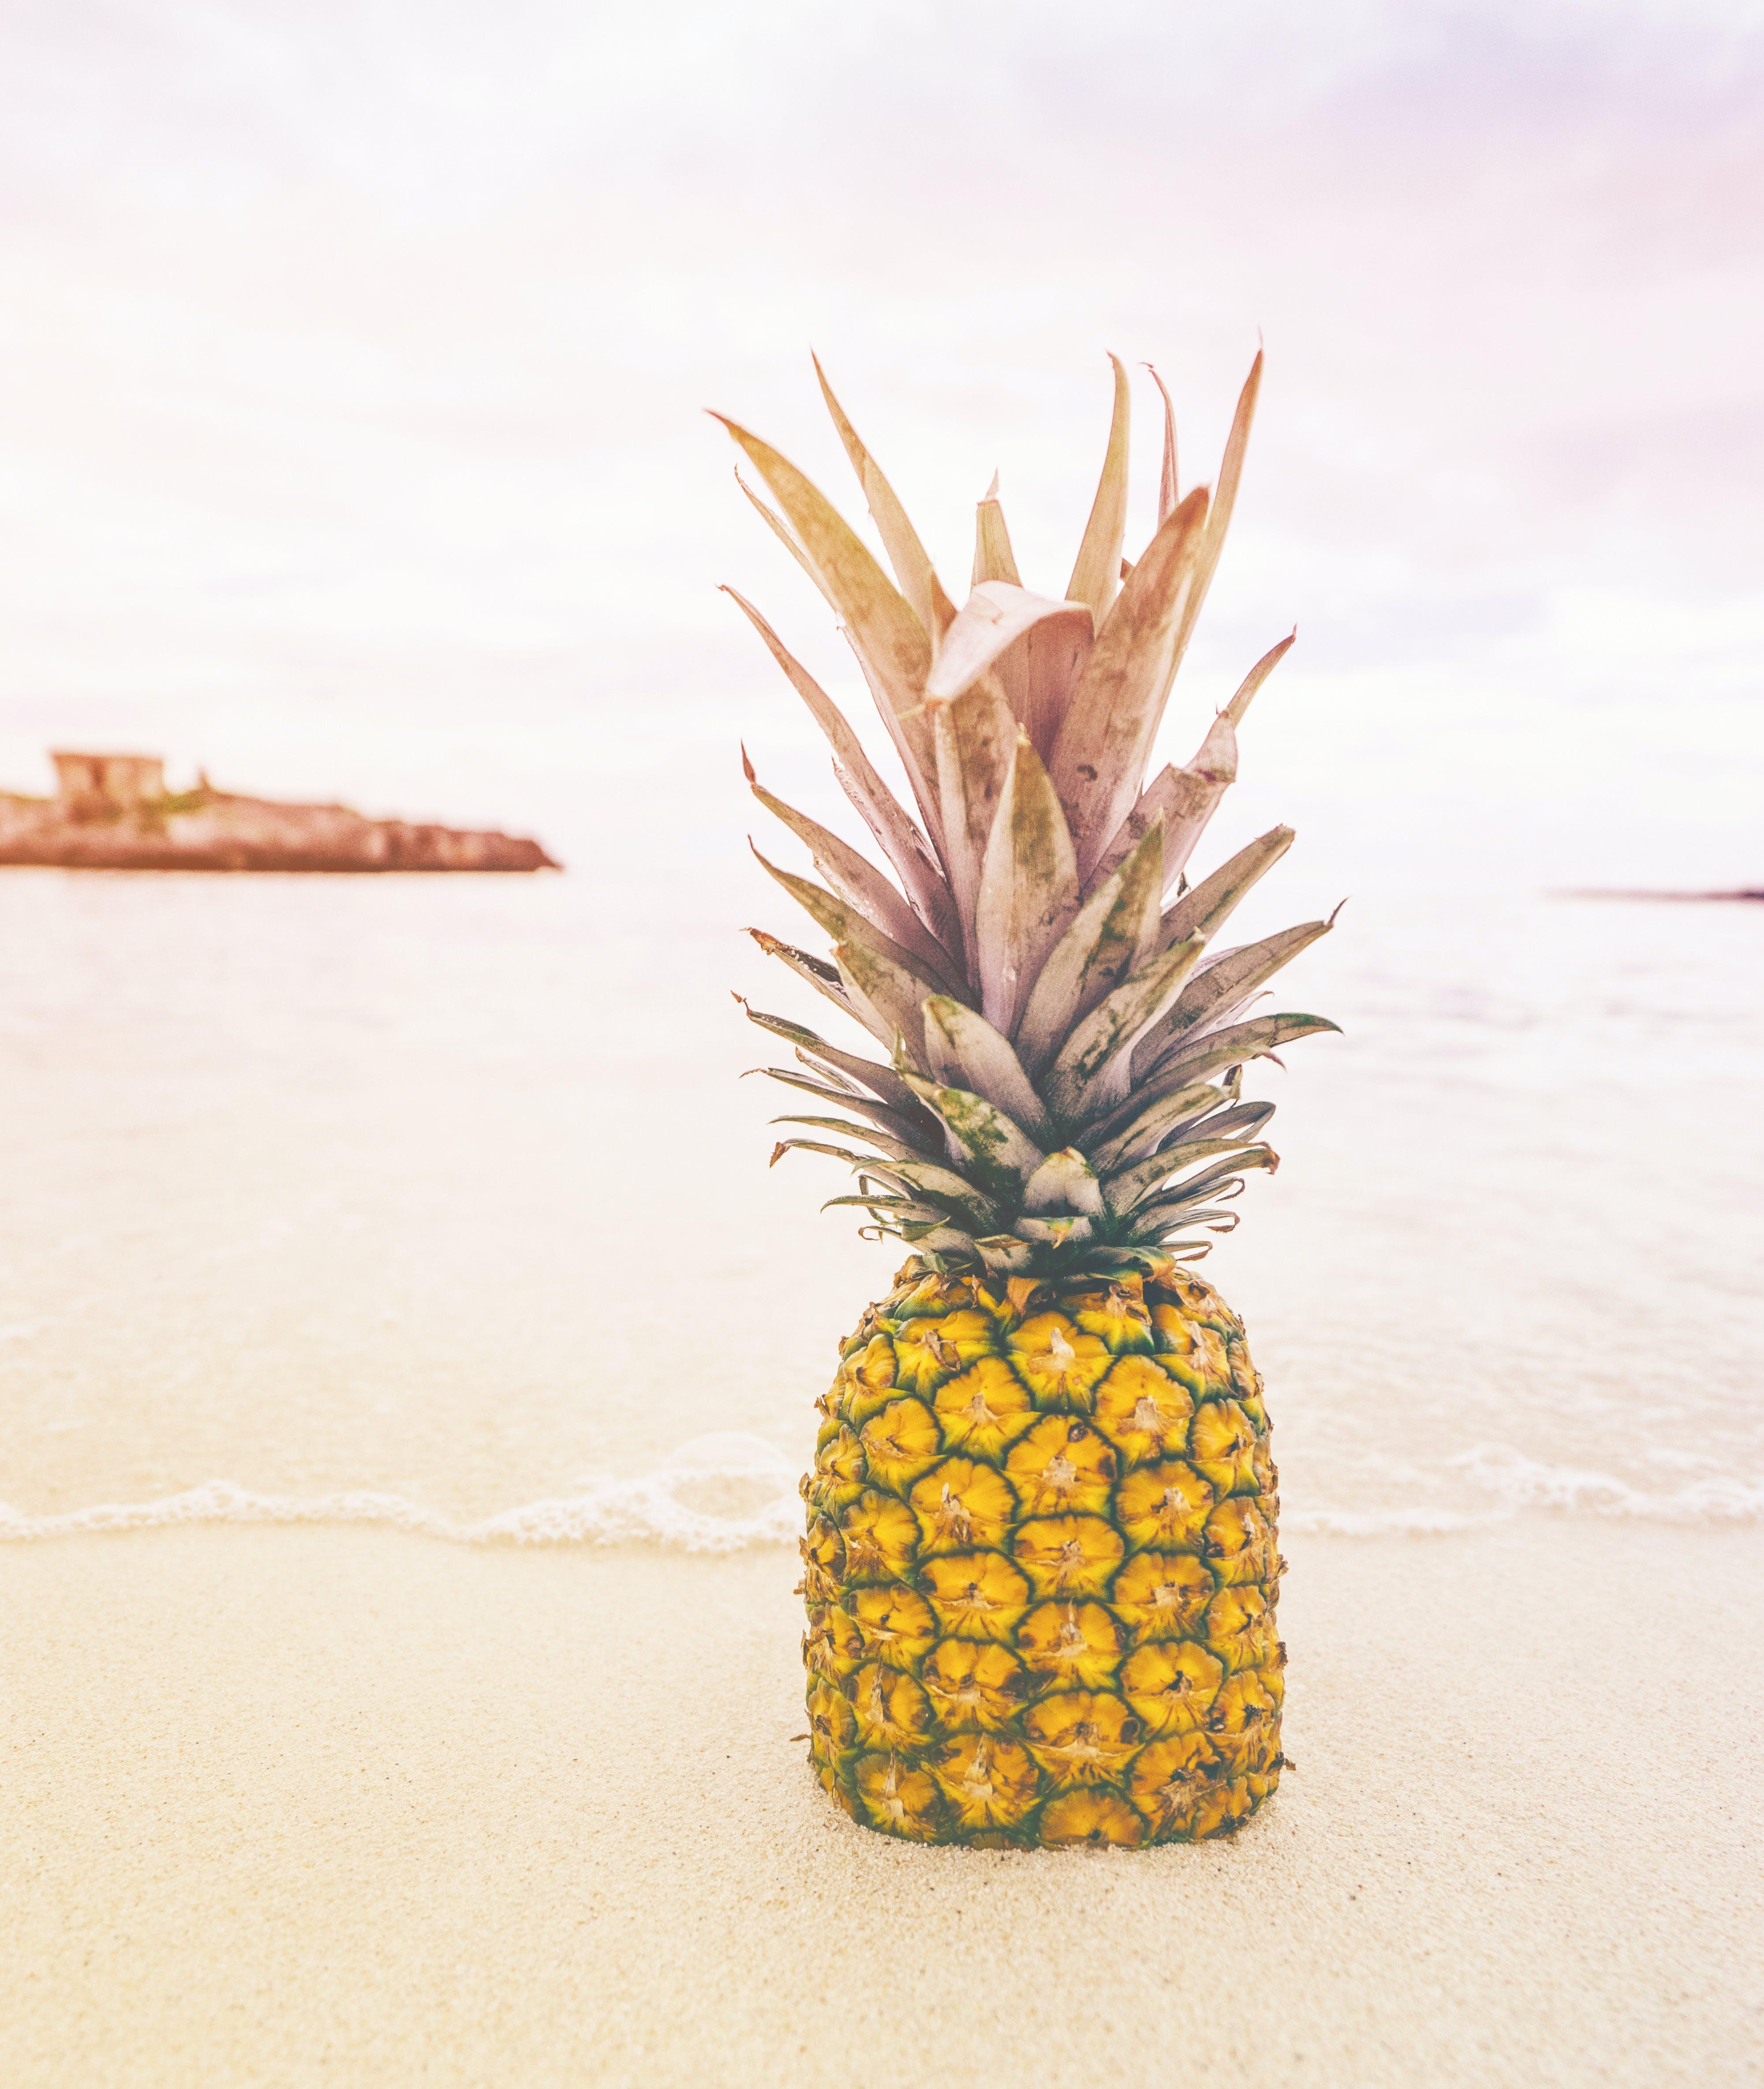 Kostenloses Stock Foto zu ananas, blätter, draußen, farben